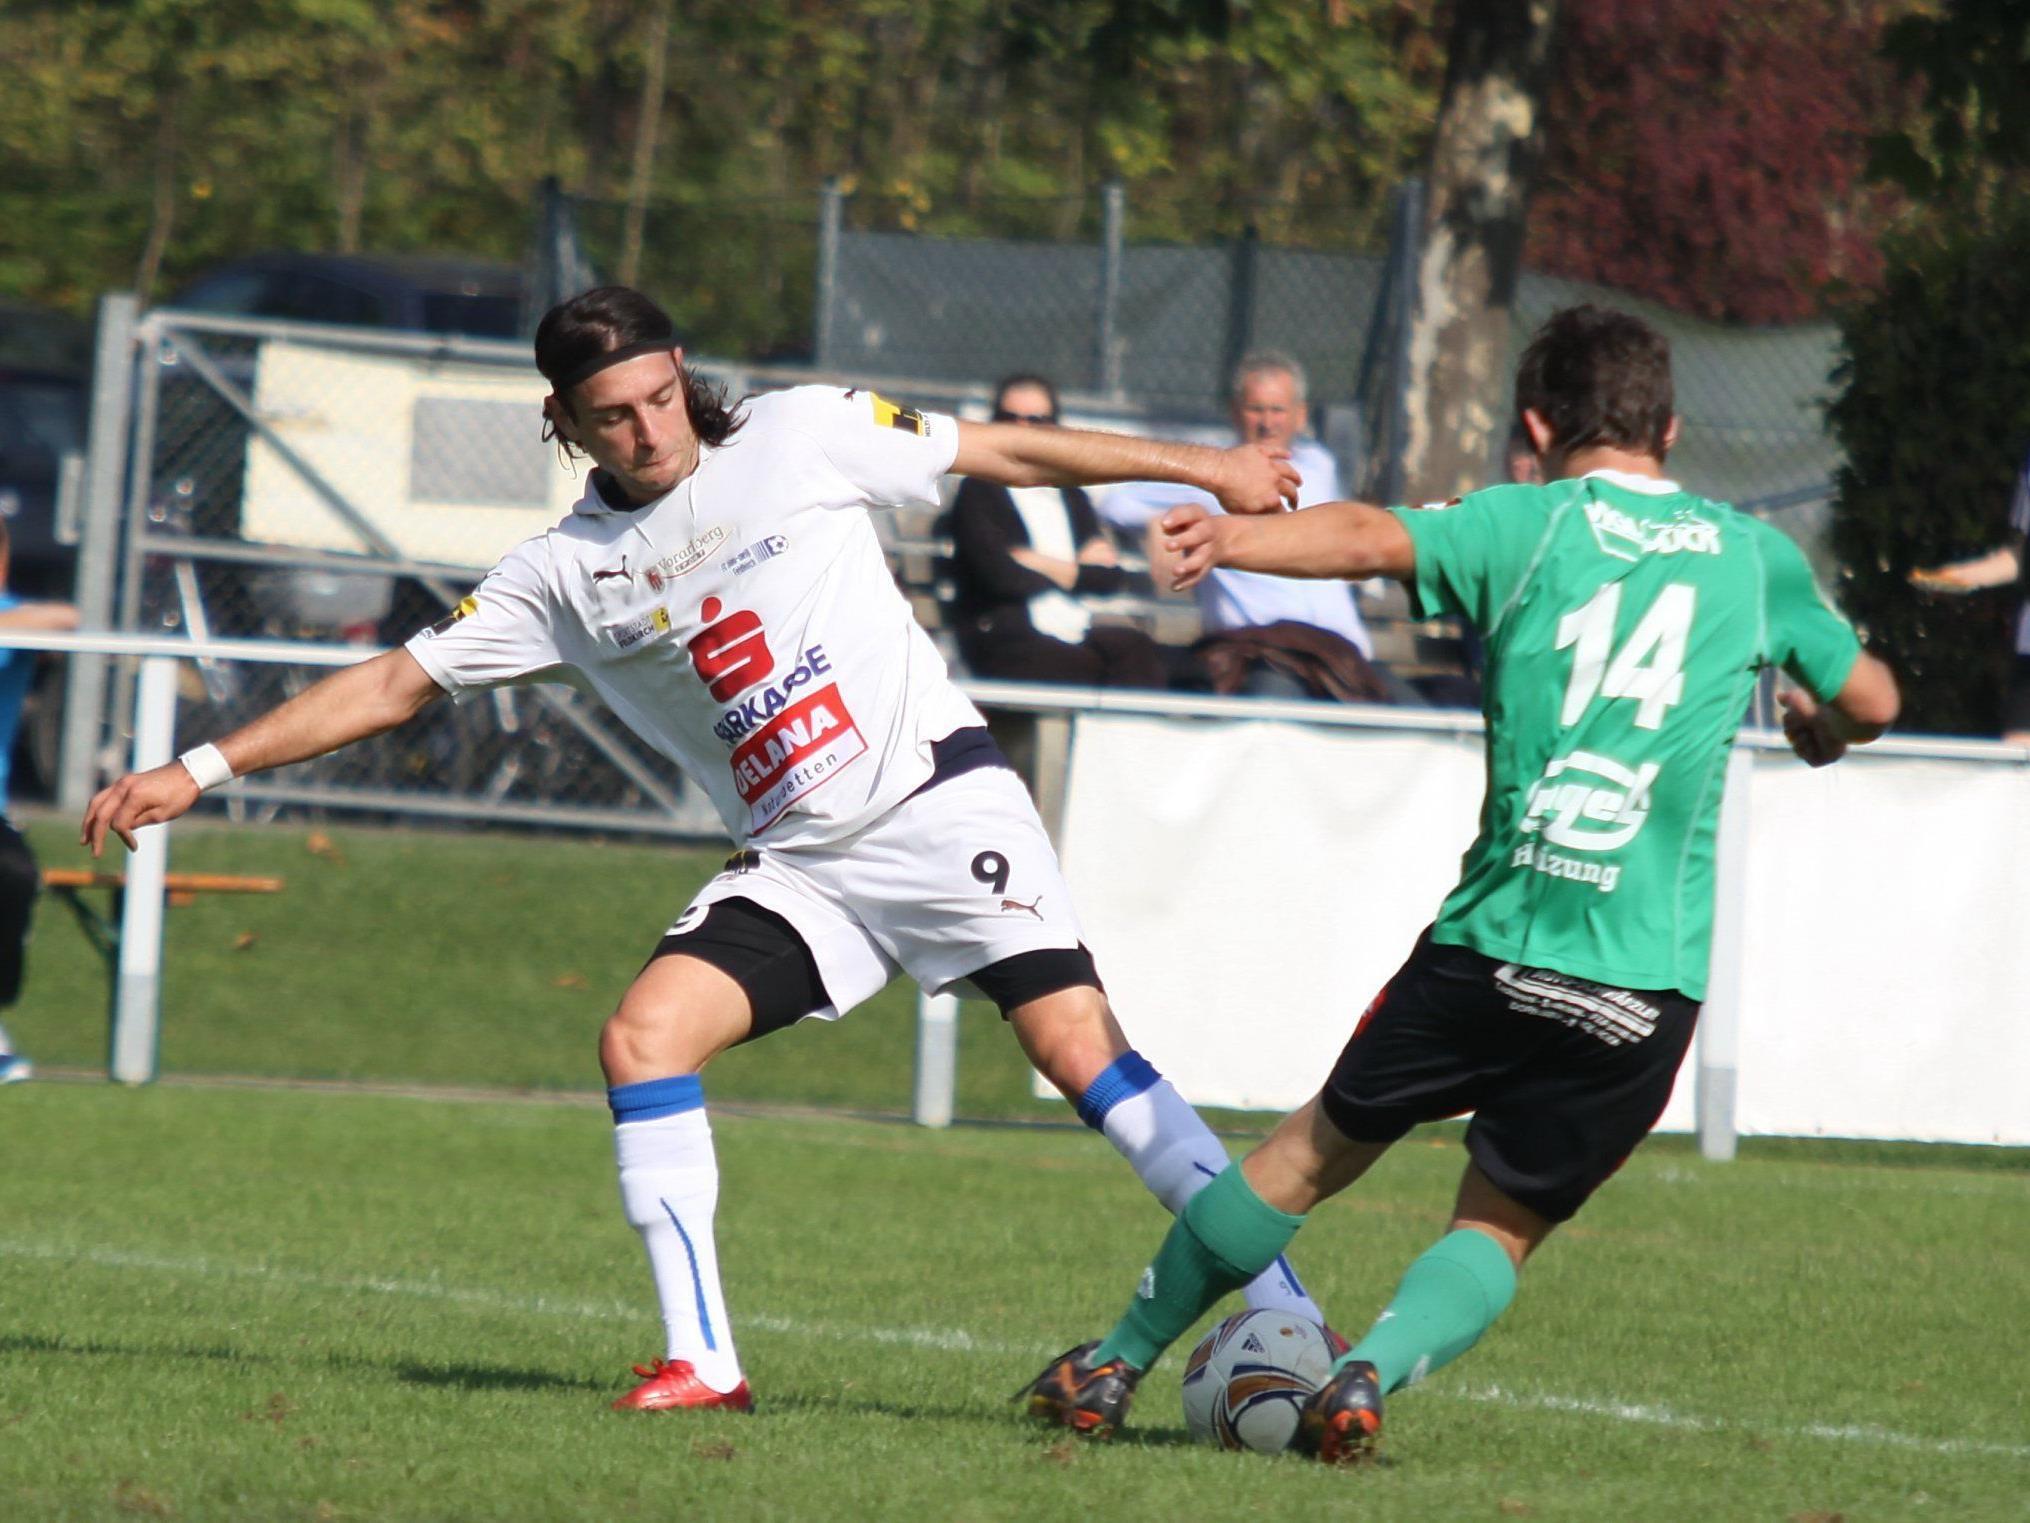 Burhan Yilmaz will für Feldkirch noch viele Tore schießen.